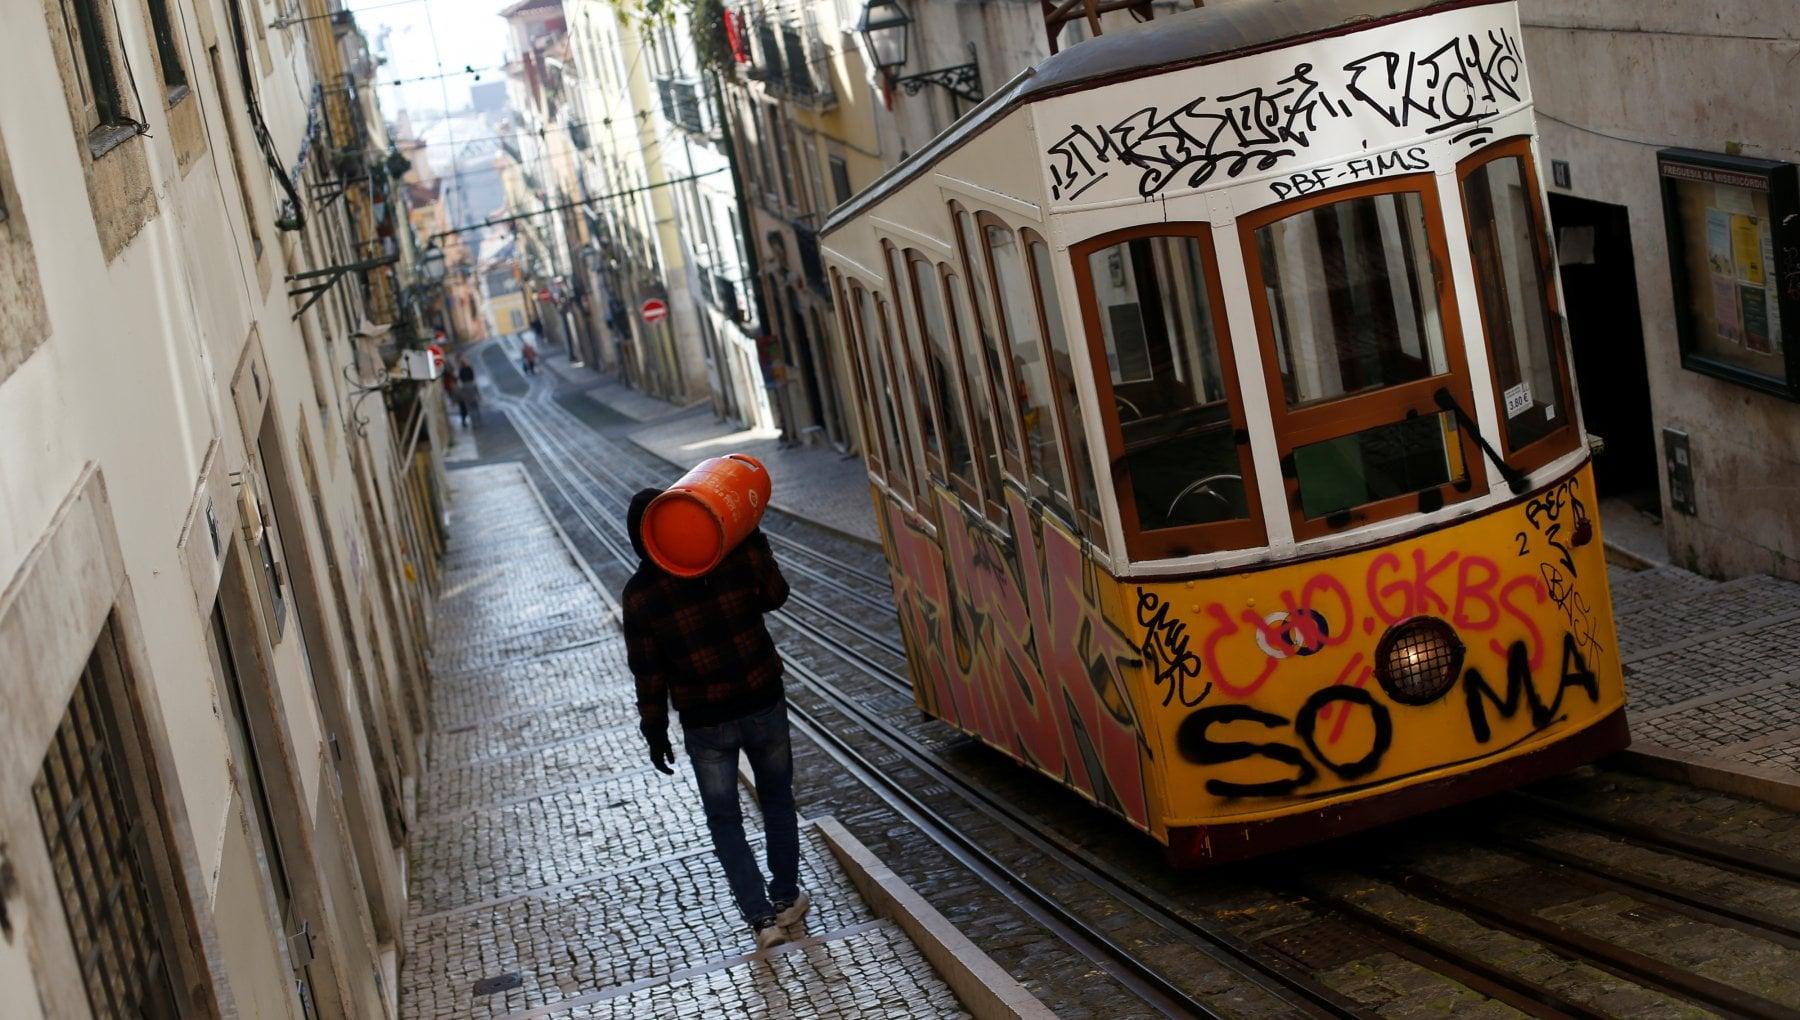 Portogallo miracolo svanito si torna al lockdown duro per frenare i contagi